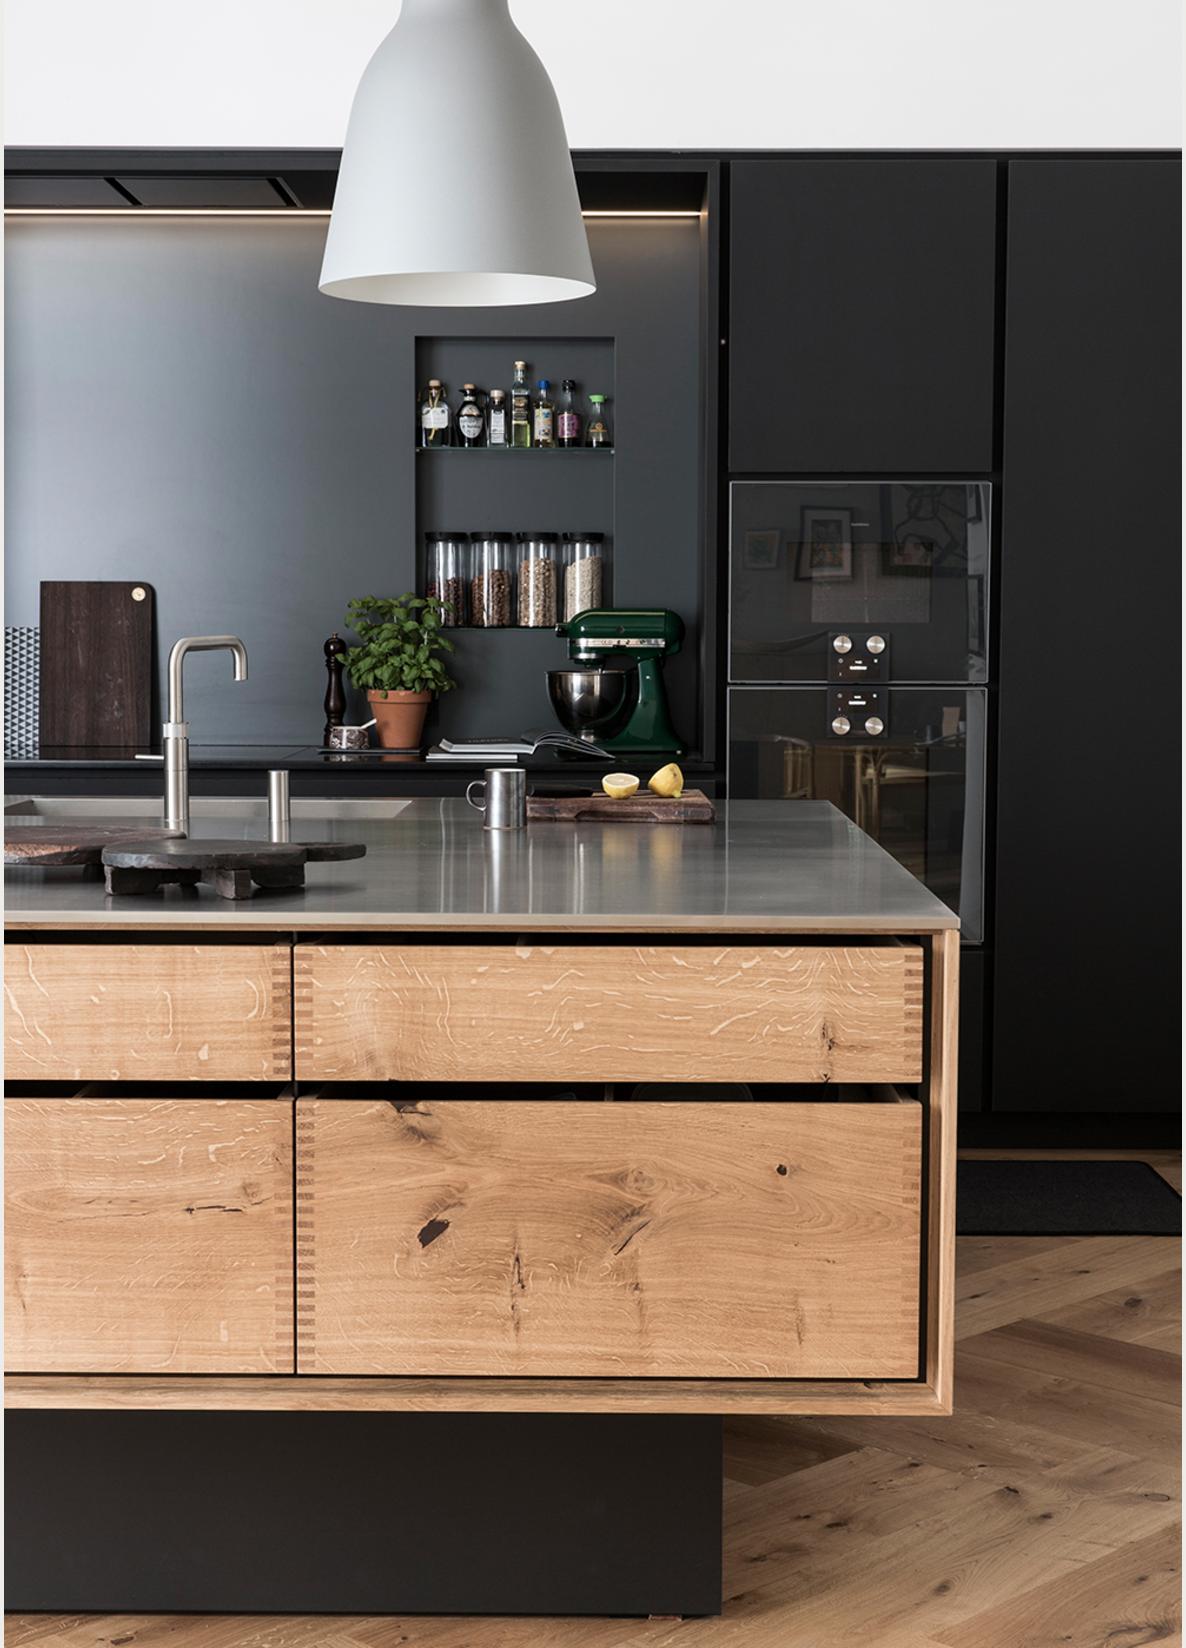 Küche und esszimmer designs pin von ma van auf küche  pinterest  einbauküche küche esszimmer